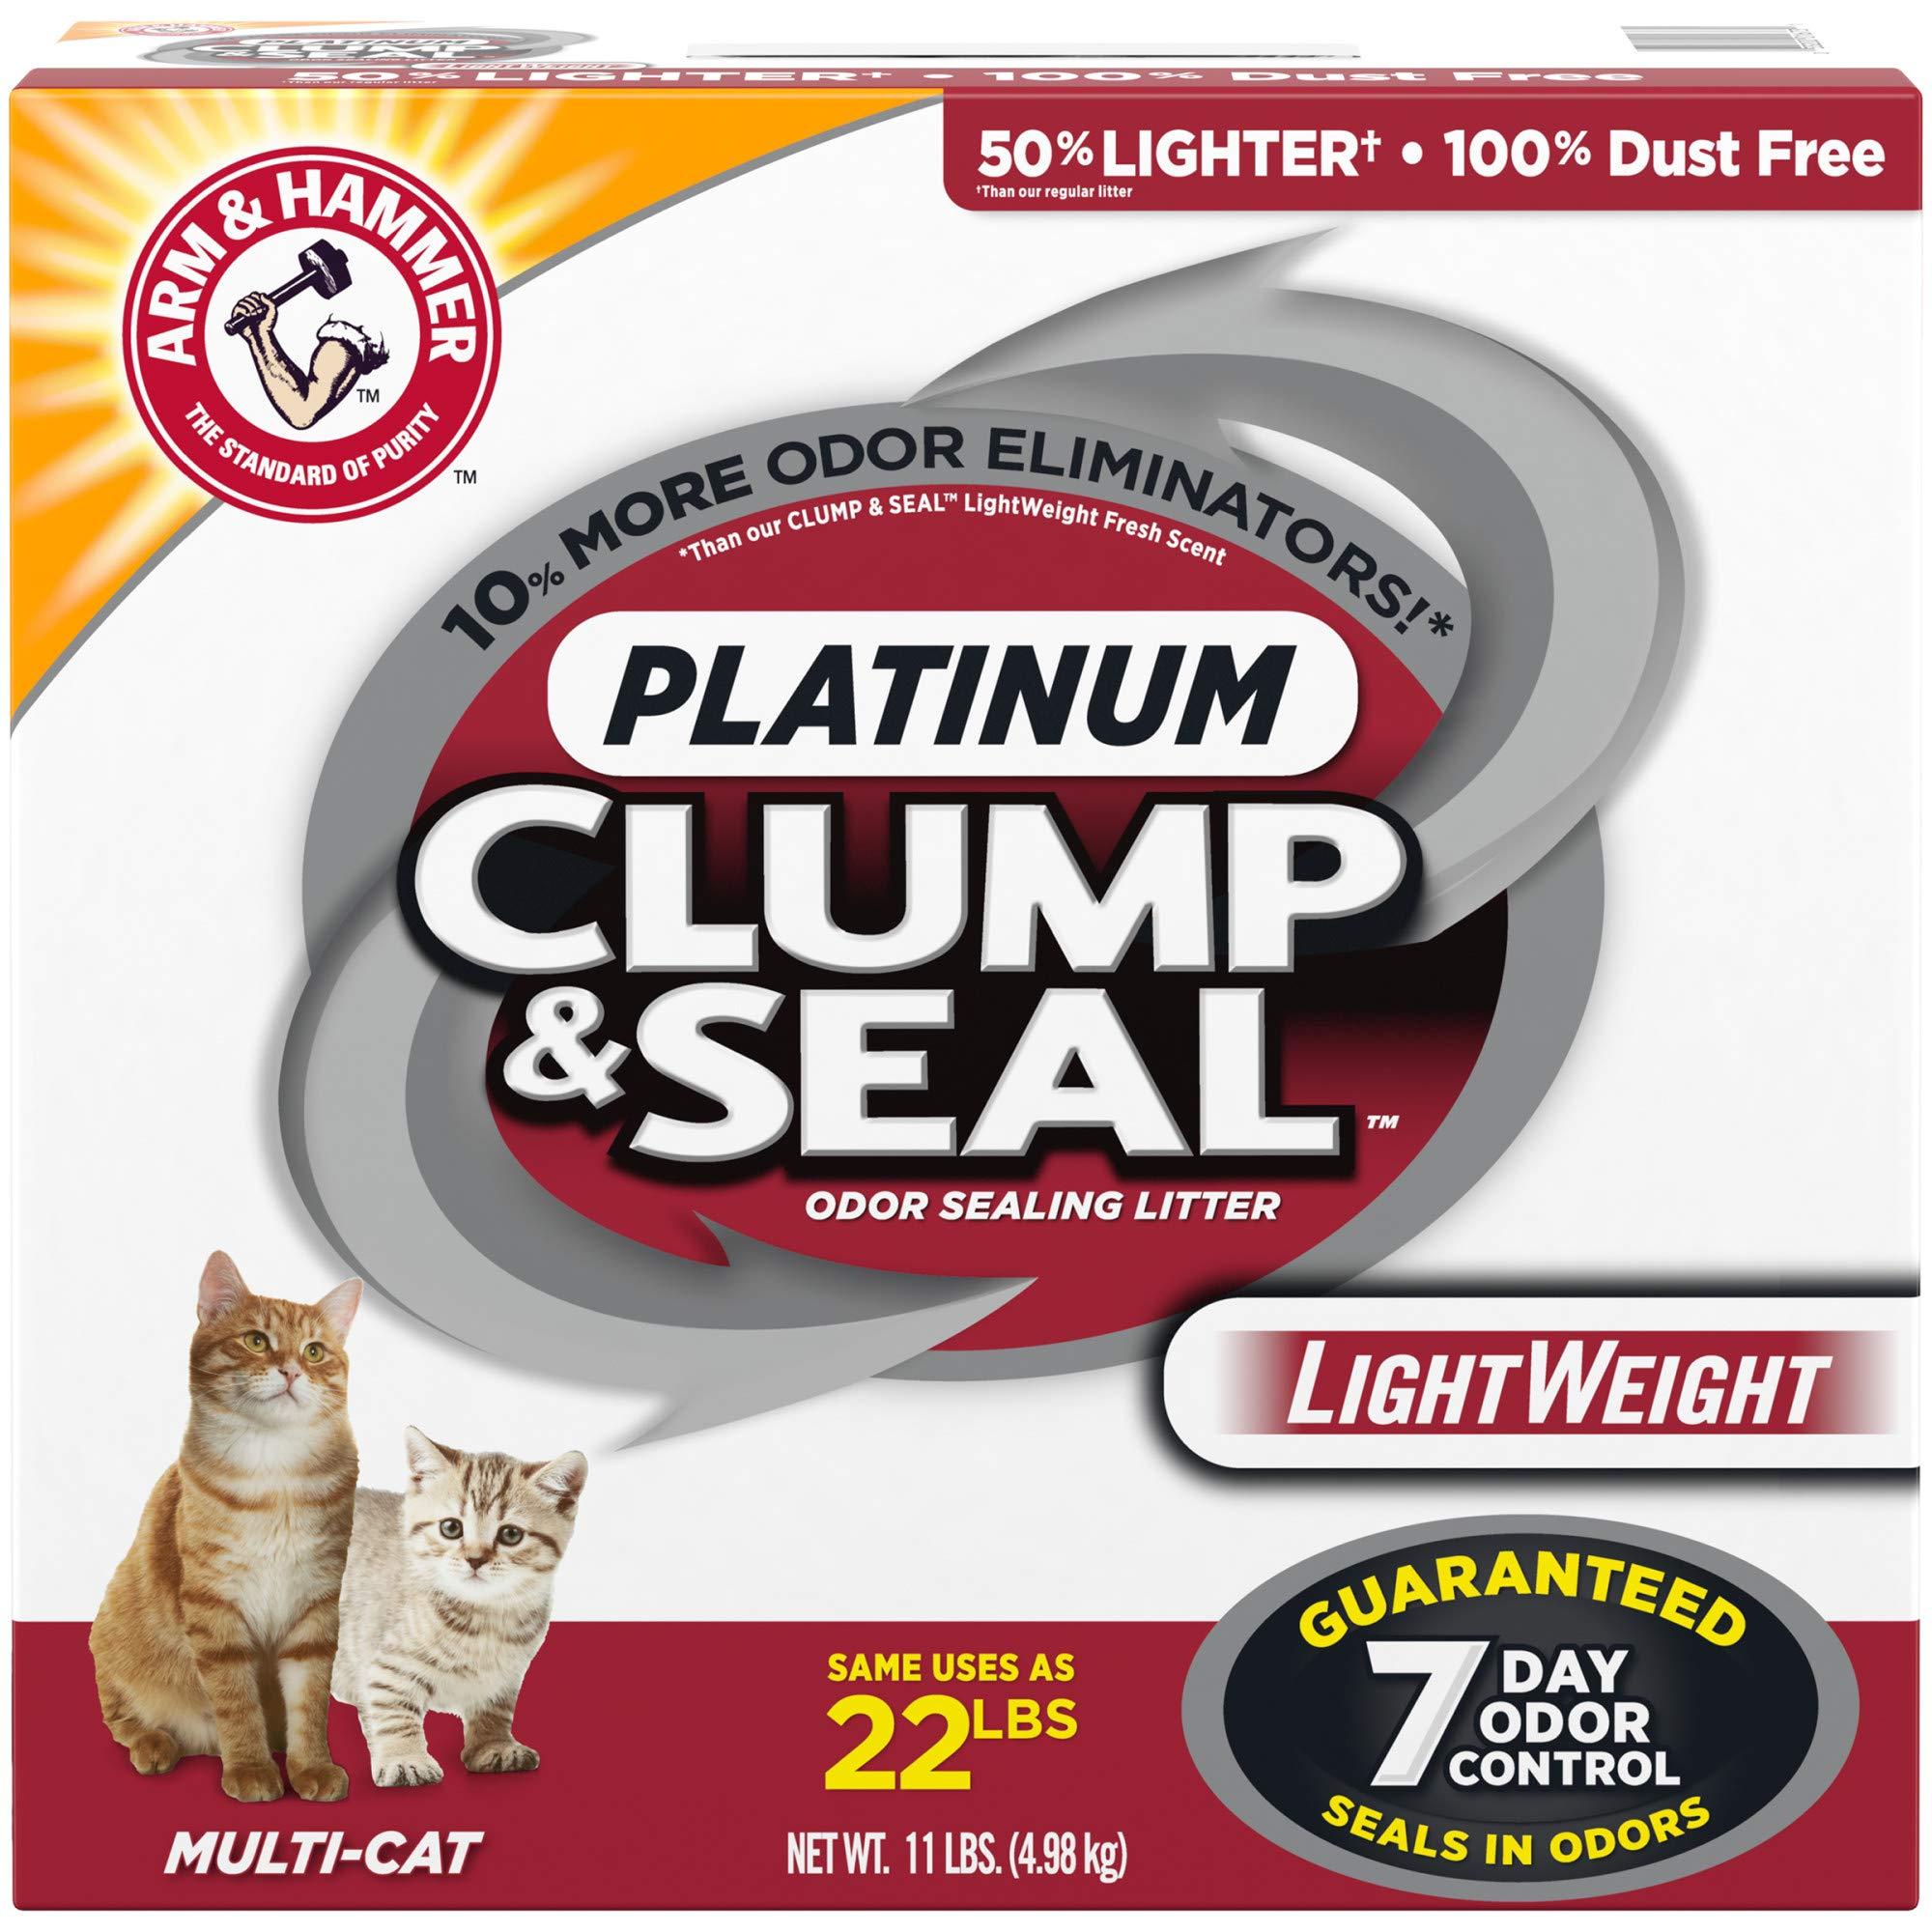 Arm & Hammer Clump & Seal Platinum Lightweight Litter, Multi-Cat, 11Lbs.